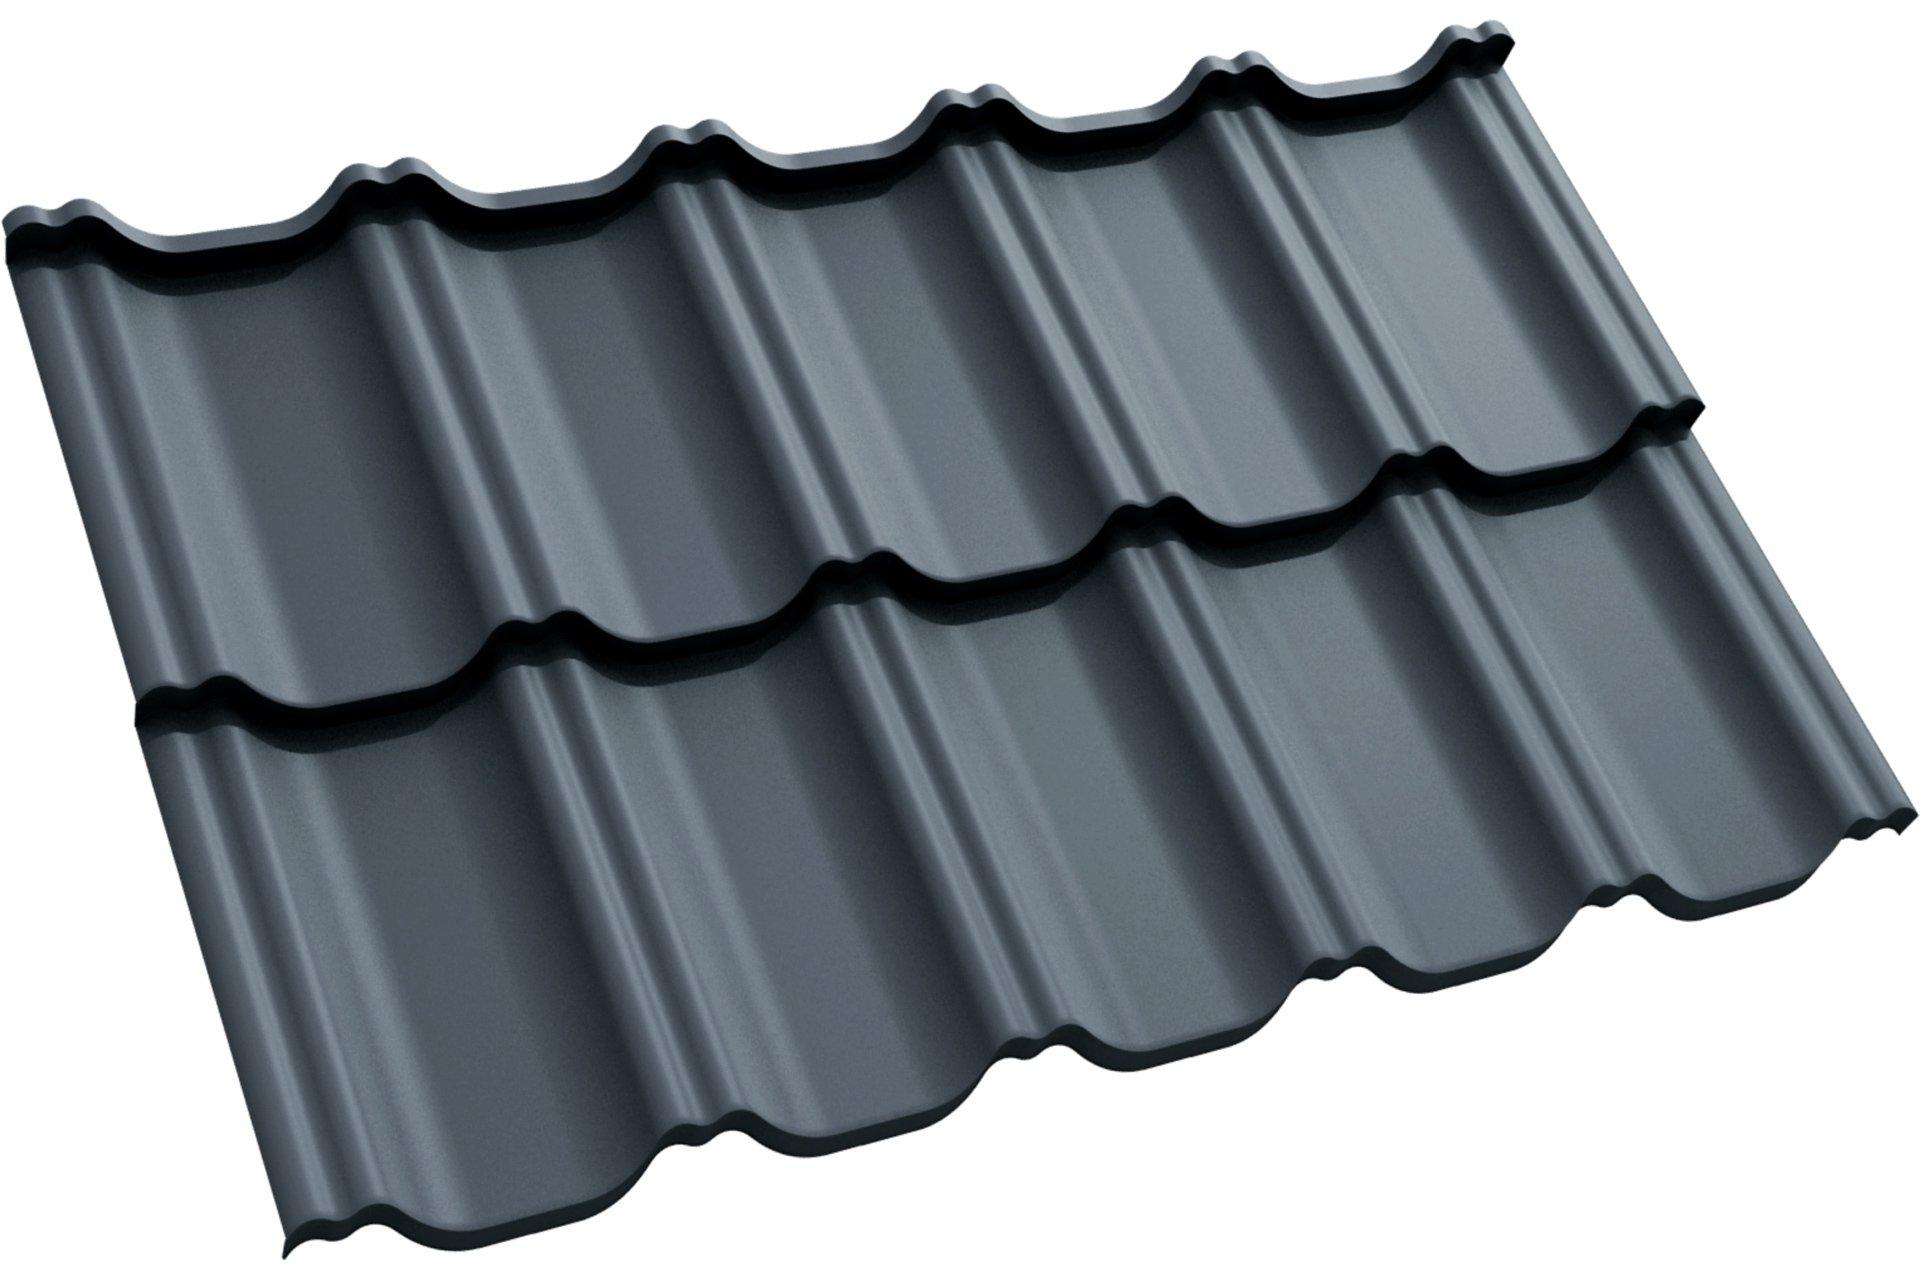 Dachplatten LOARA - Paneel Doppelmodul